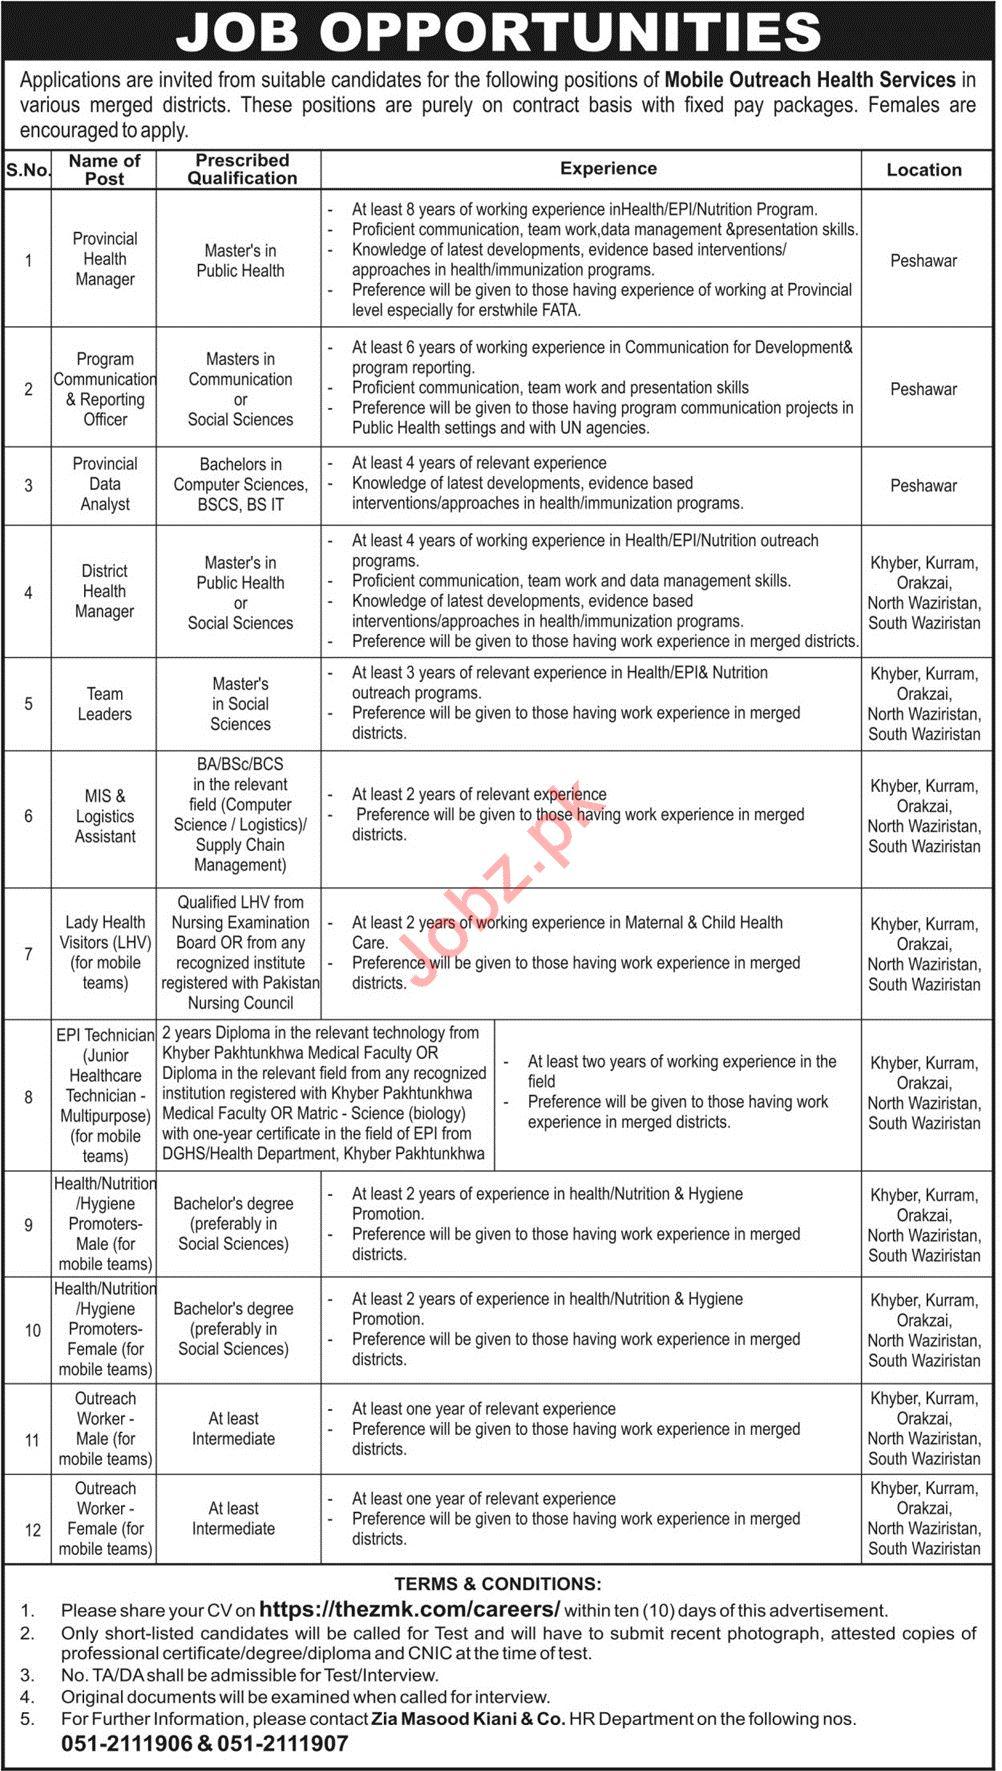 Zia Masood Kiani & Company Jobs 2019